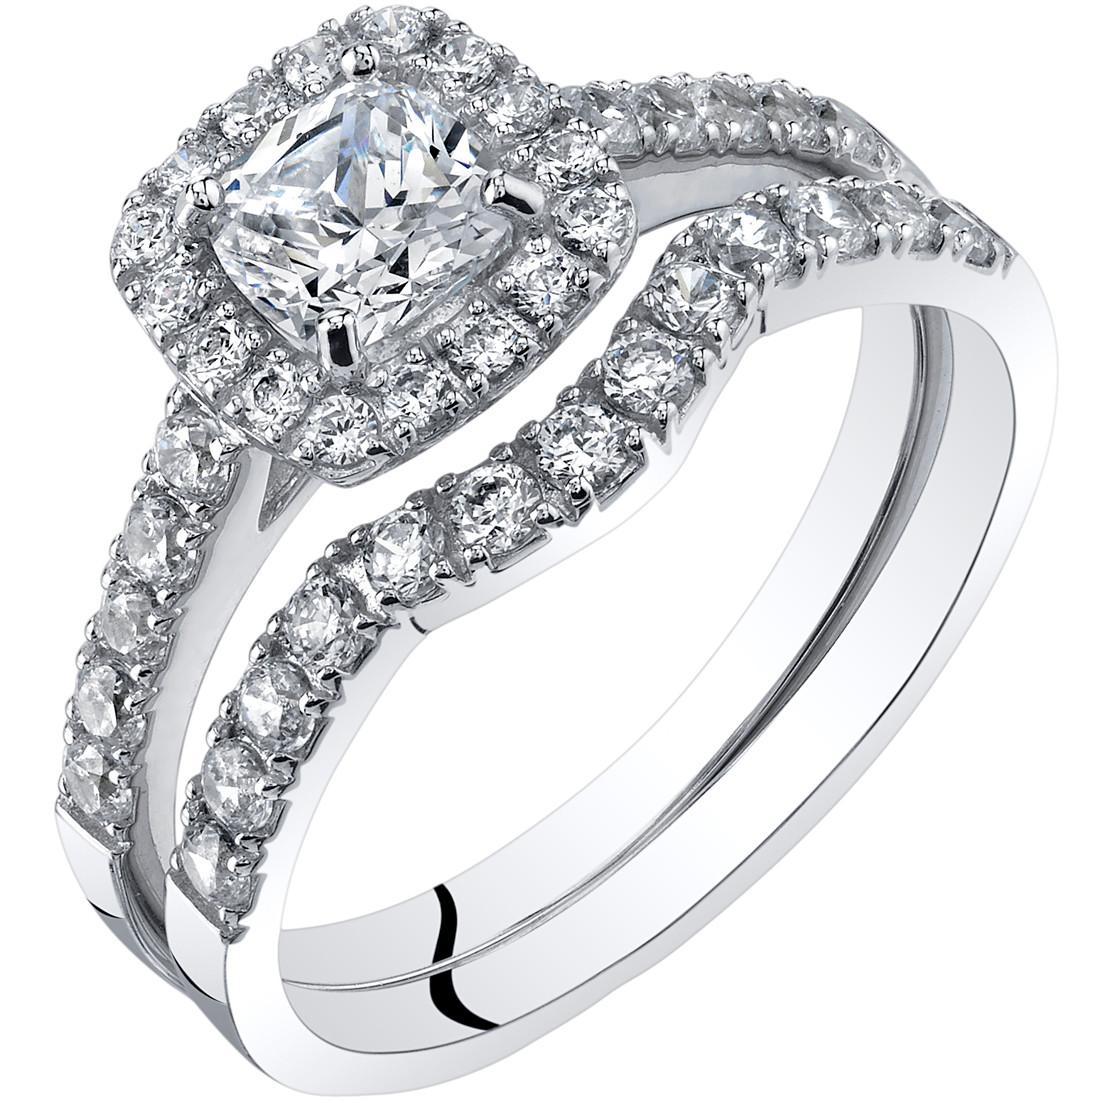 14k White Gold Cushion Cut Engagement Ring And Wedding Band Bridal Set Sizes 4 10